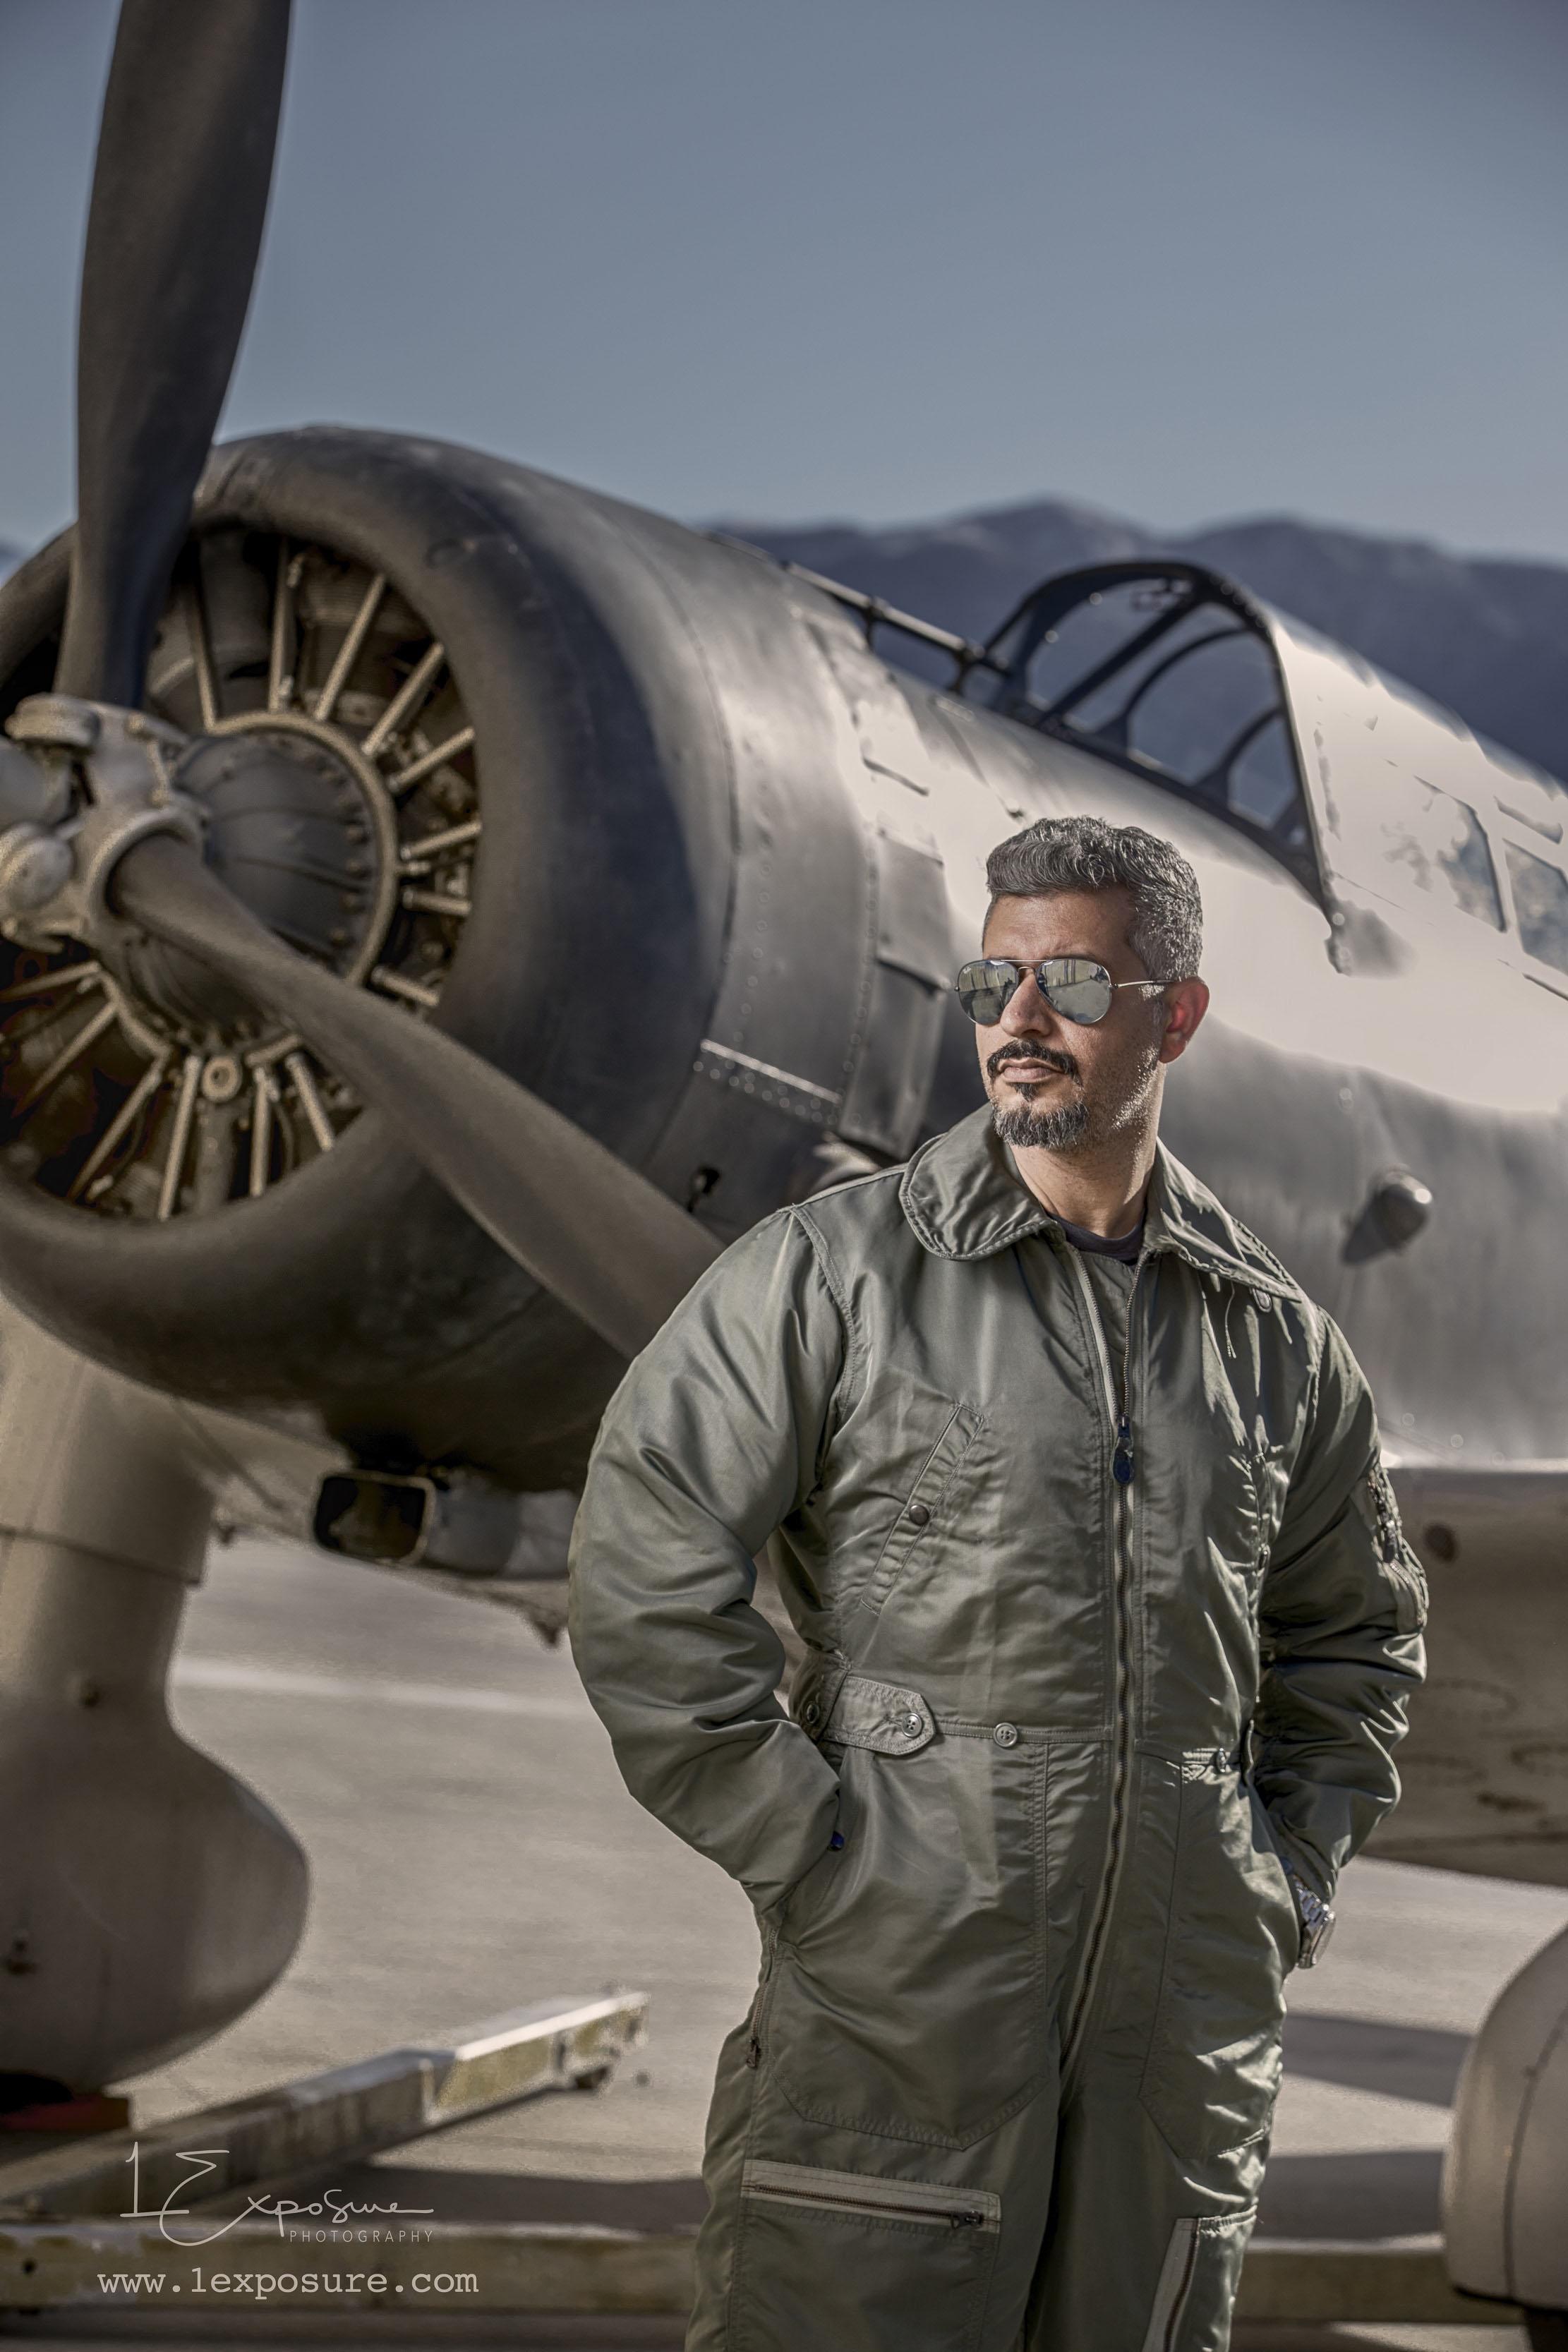 صورة فريد فتلة اول رائد فضاء عراقي يستعد لمغامرة فضائية